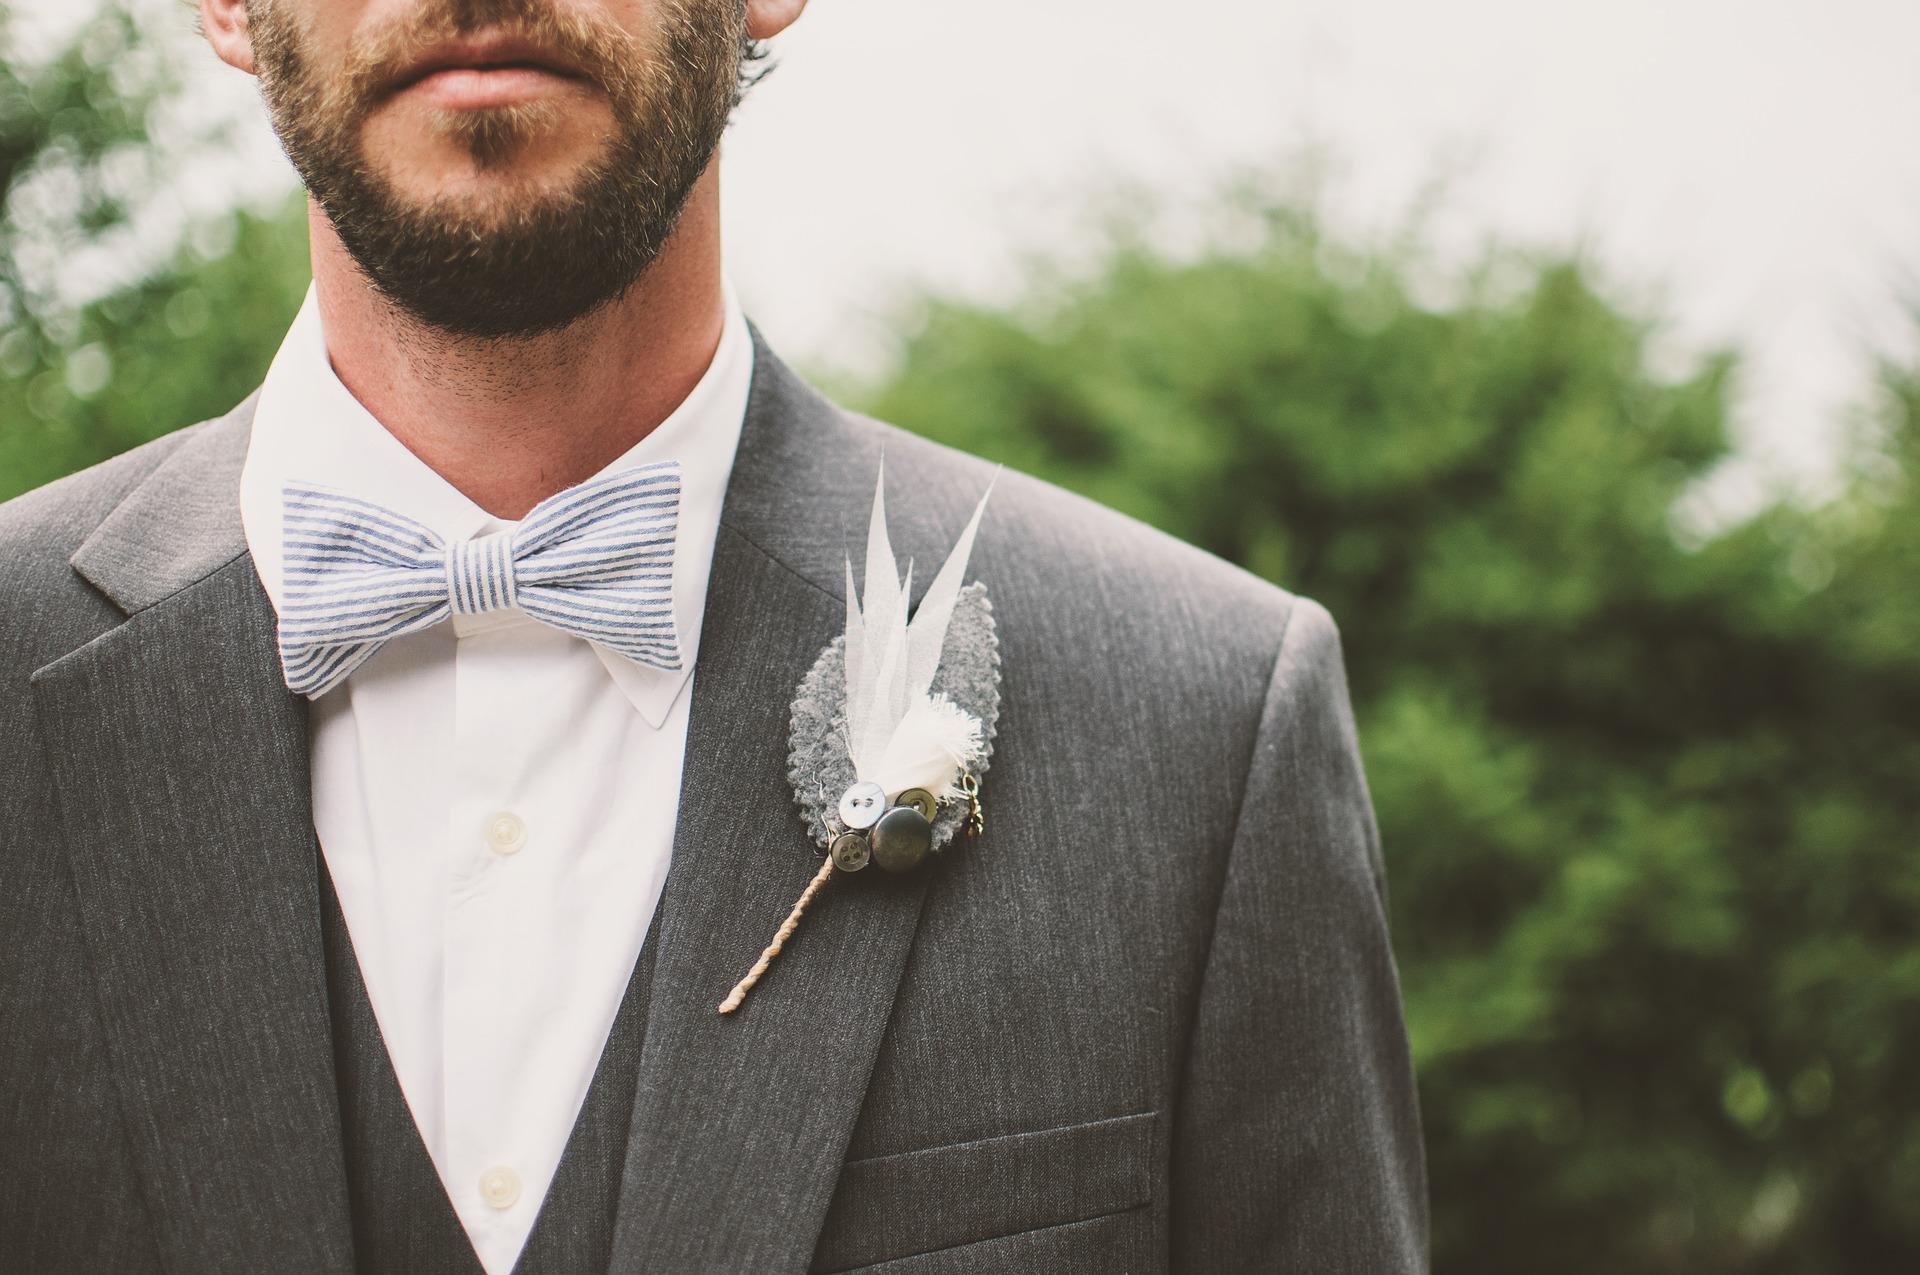 Les indispensables pour un costume de mariageréussit